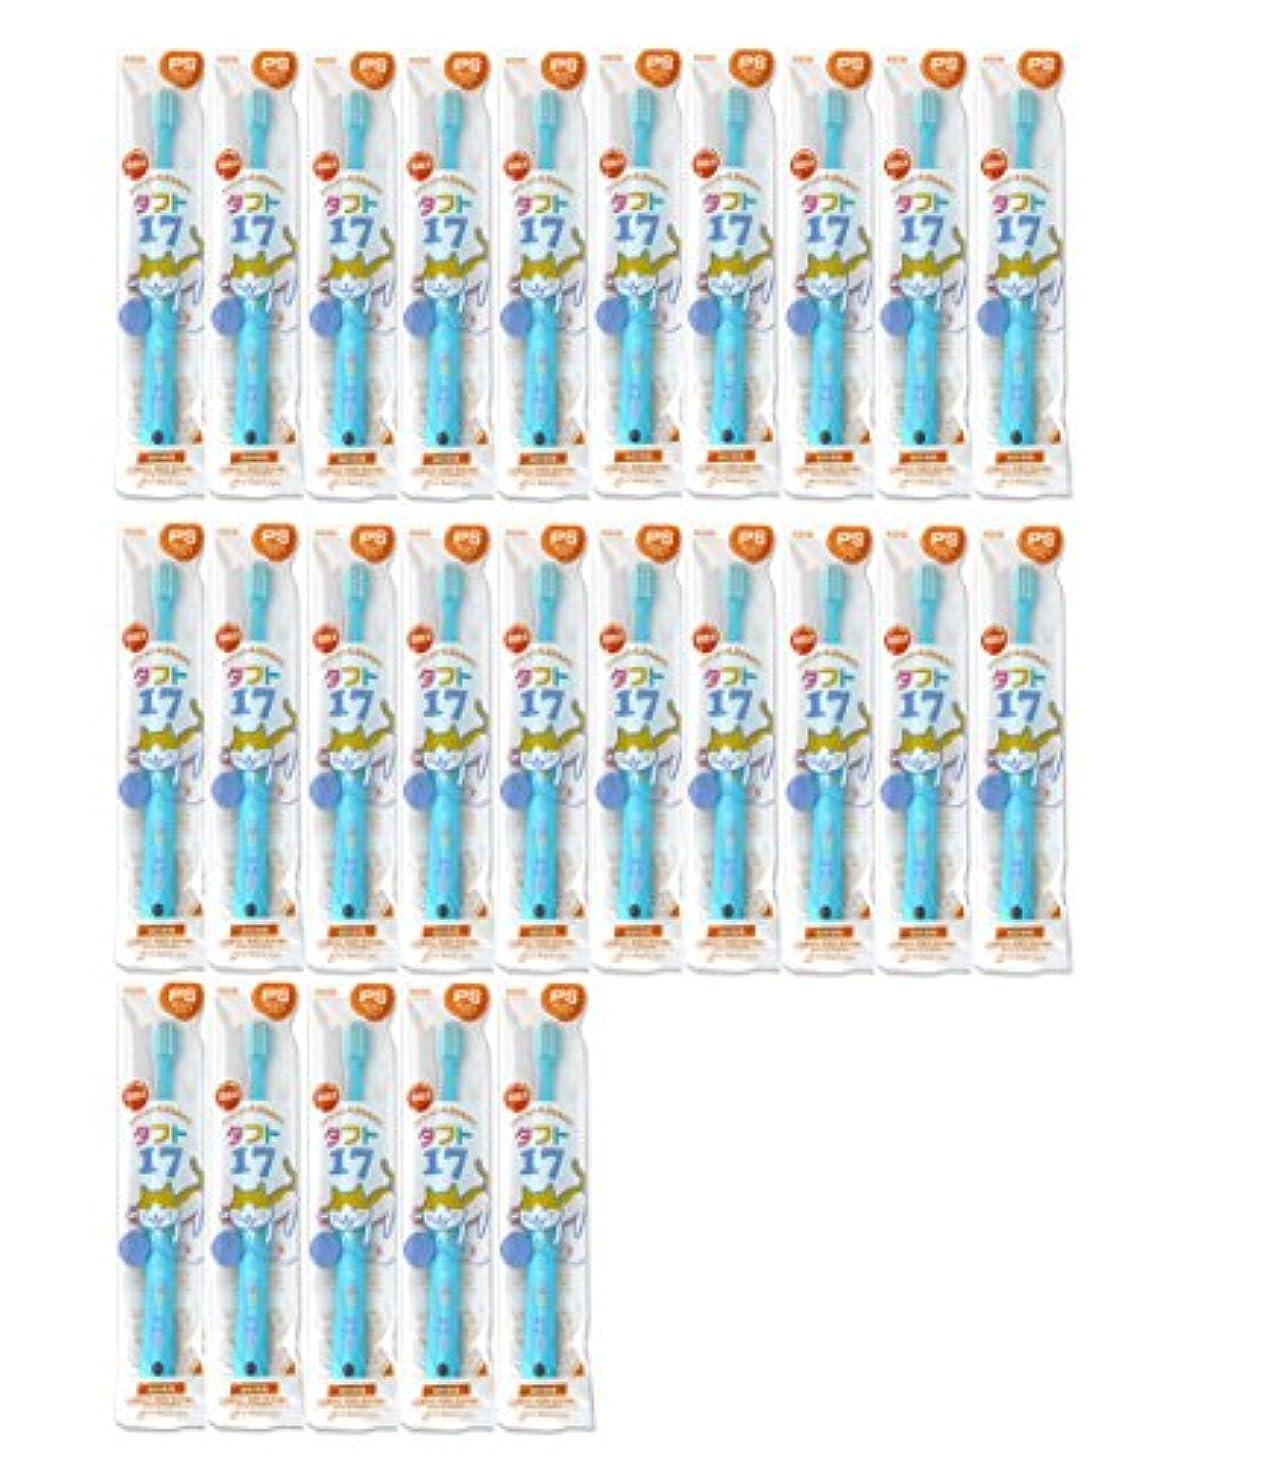 いらいらする代数能力タフト17 25本 オーラルケア【タフト17/プレミアムソフト 子供】乳歯列期(1~7歳)こども歯ブラシ 25本セット ブルー